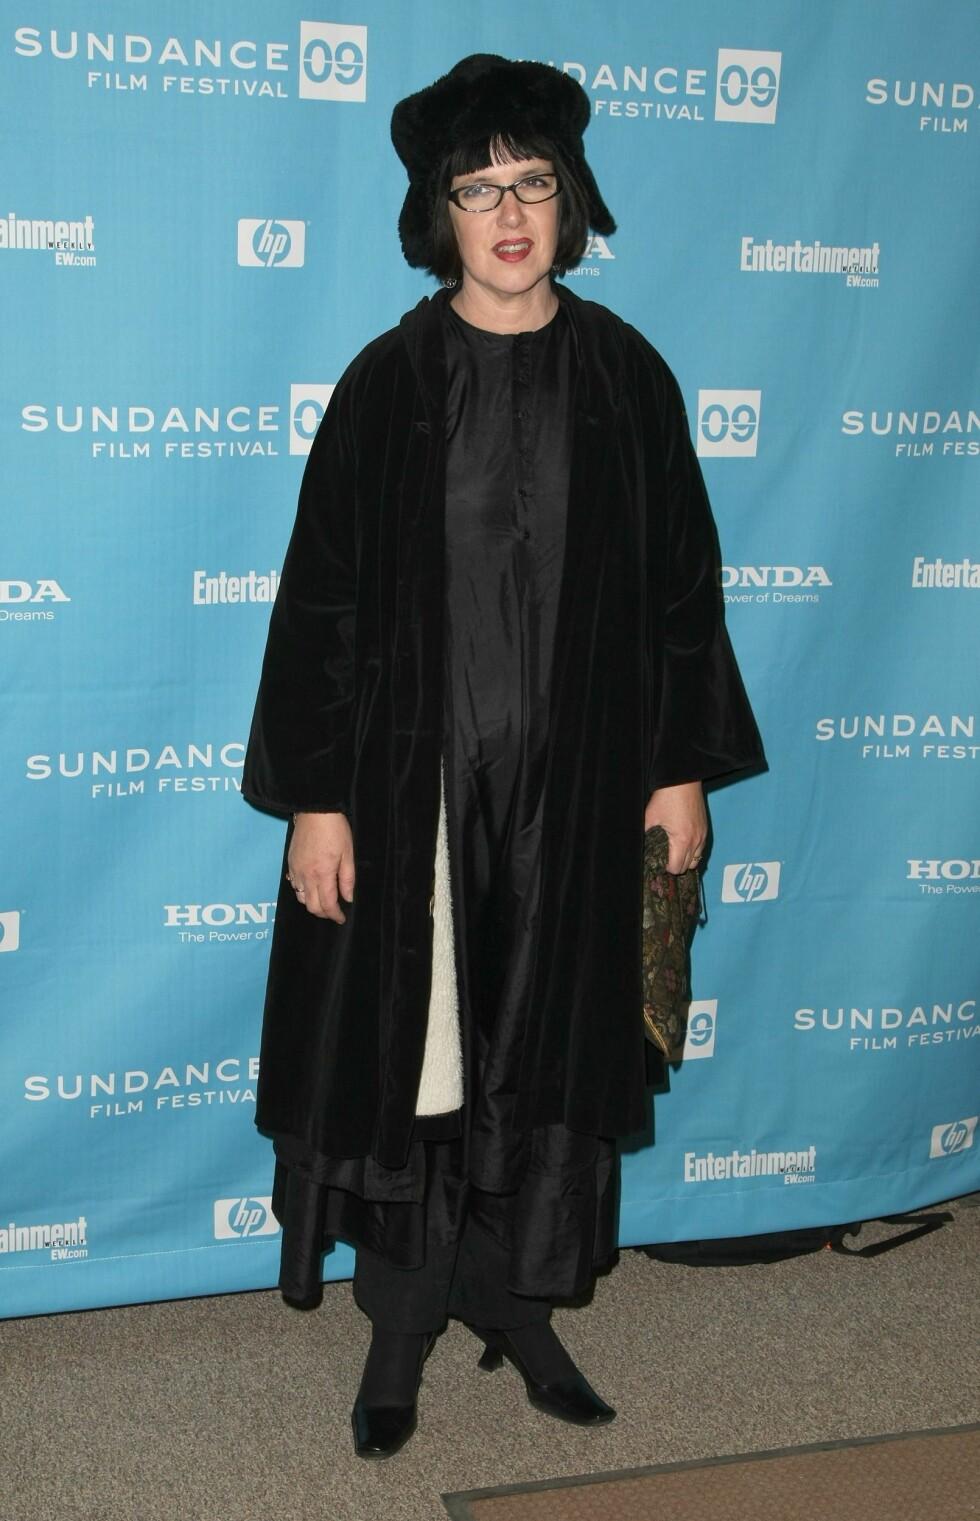 """ET KJENT DILEMMA? Regissøren Katherine Dieckmann visste ikke helt hva hun skulle ha på seg under premieren av sin nye film """"Motherhood"""", så derfor tok hun like godt på seg ALT hun hadde i skapet. Foto: All Over Press"""